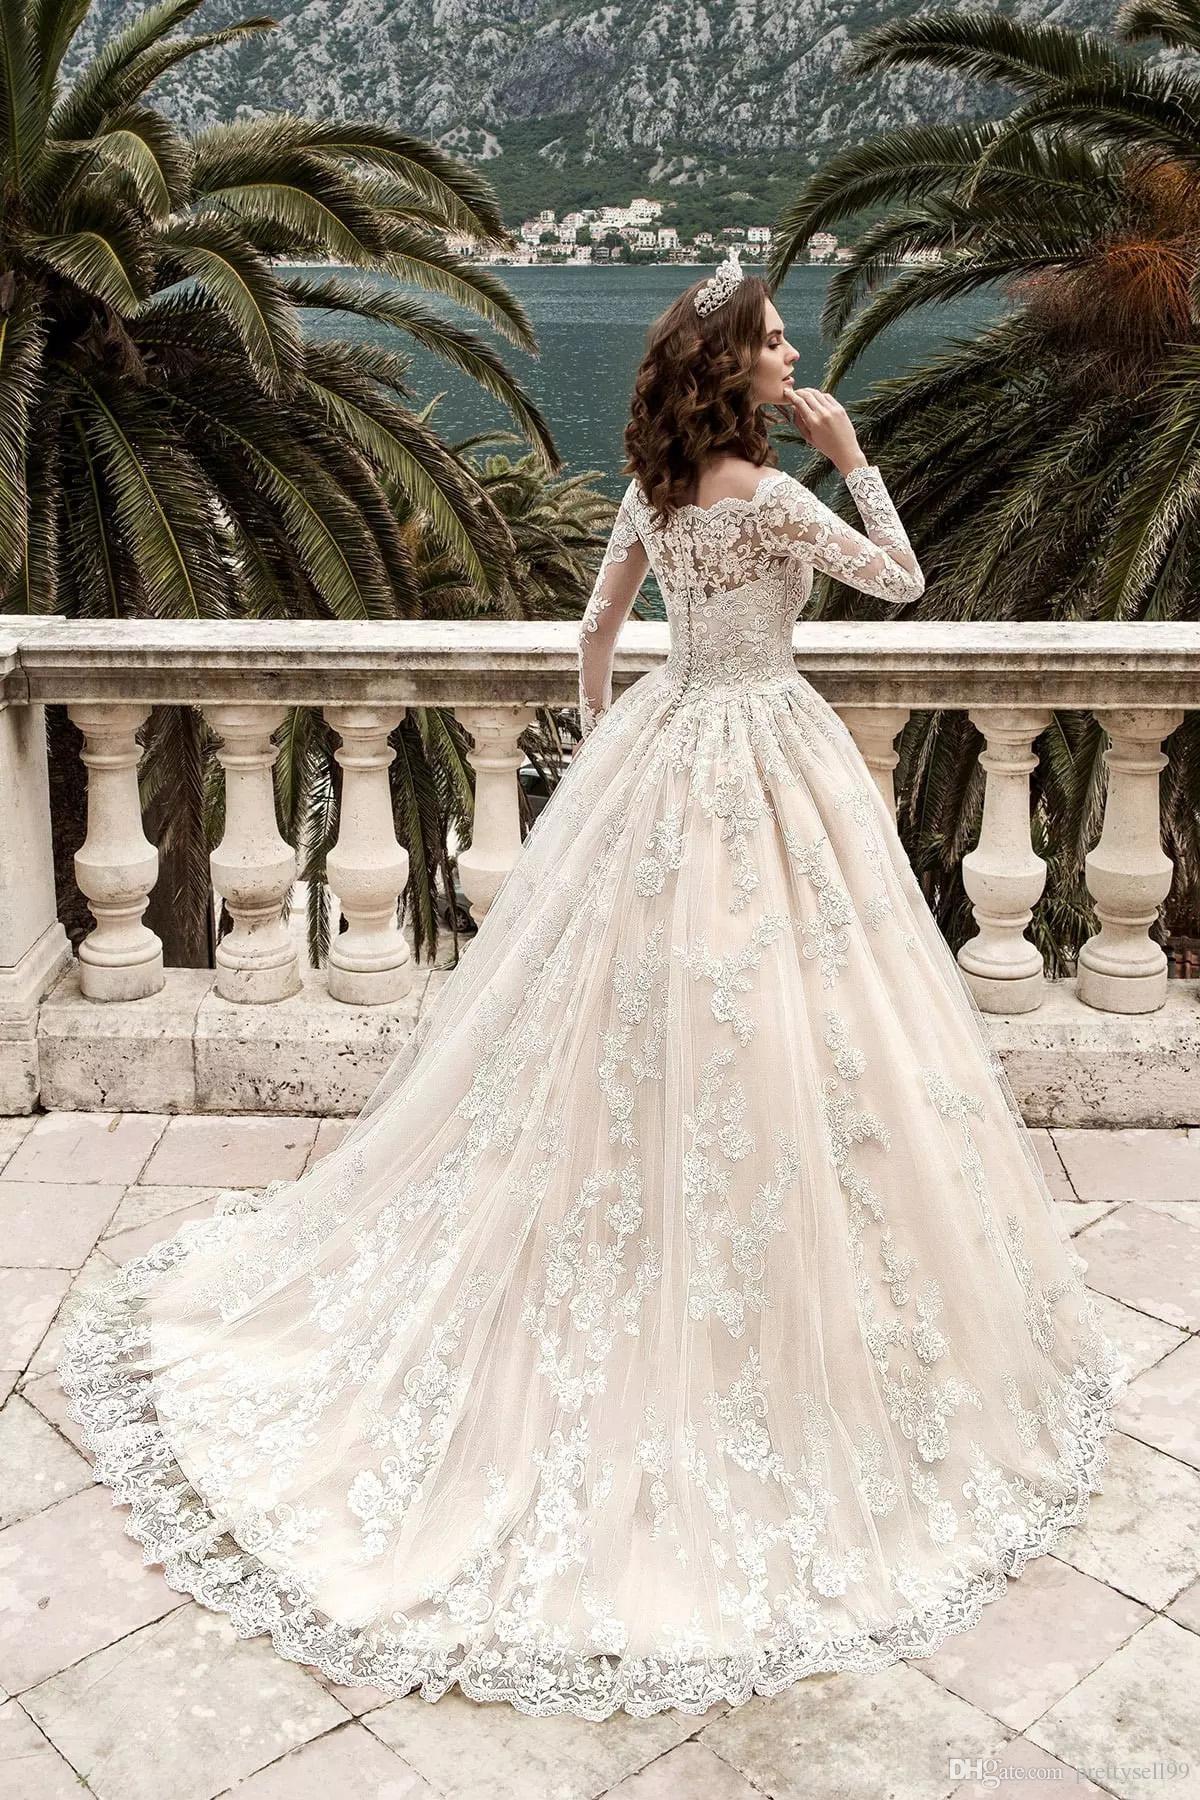 Lusso Stunning Donna Lace Ball Gown Abiti da sposa 2019 Beach con maniche lunghe Pricess Custom Made Abiti da sposa